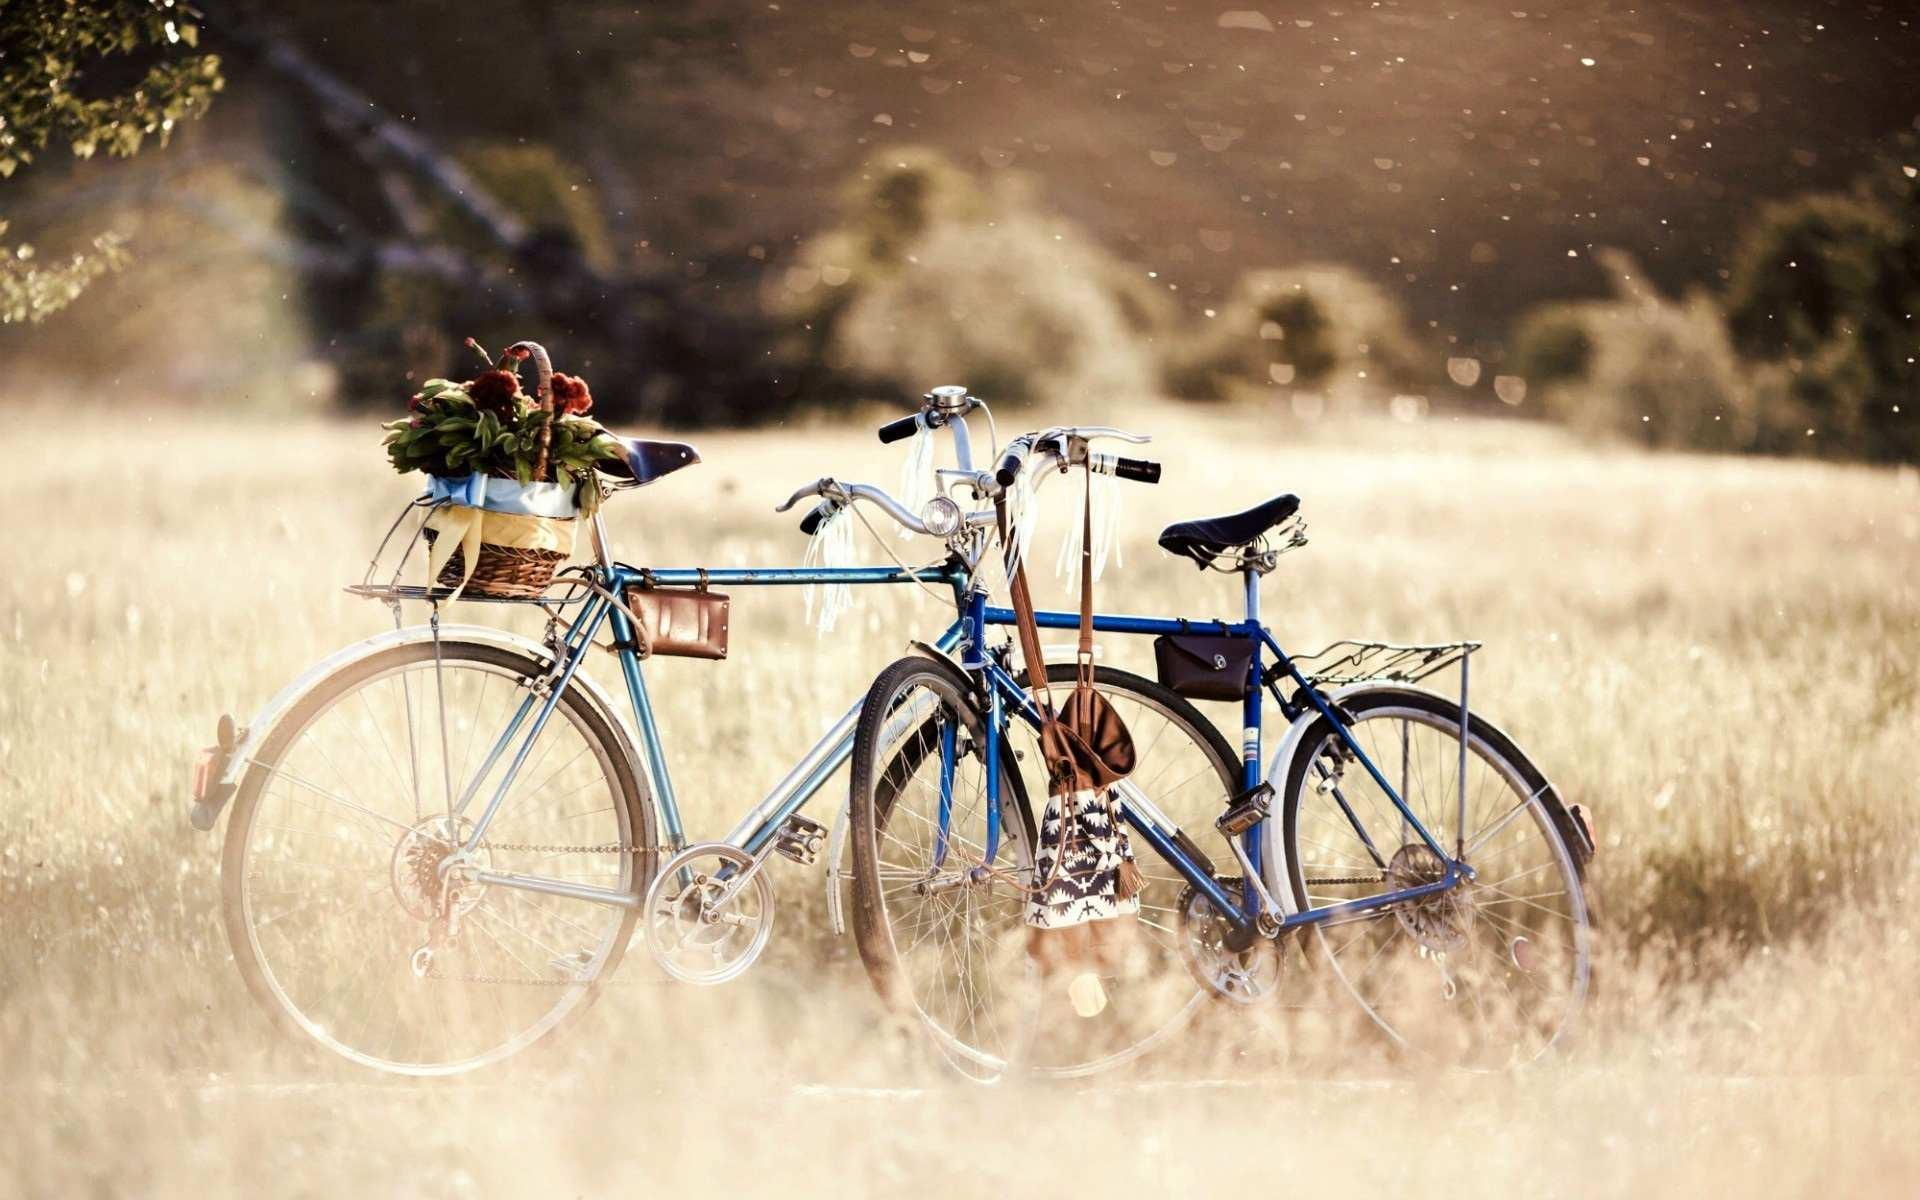 Hình nền máy tính HD xe đạp tình yêu cực đẹp